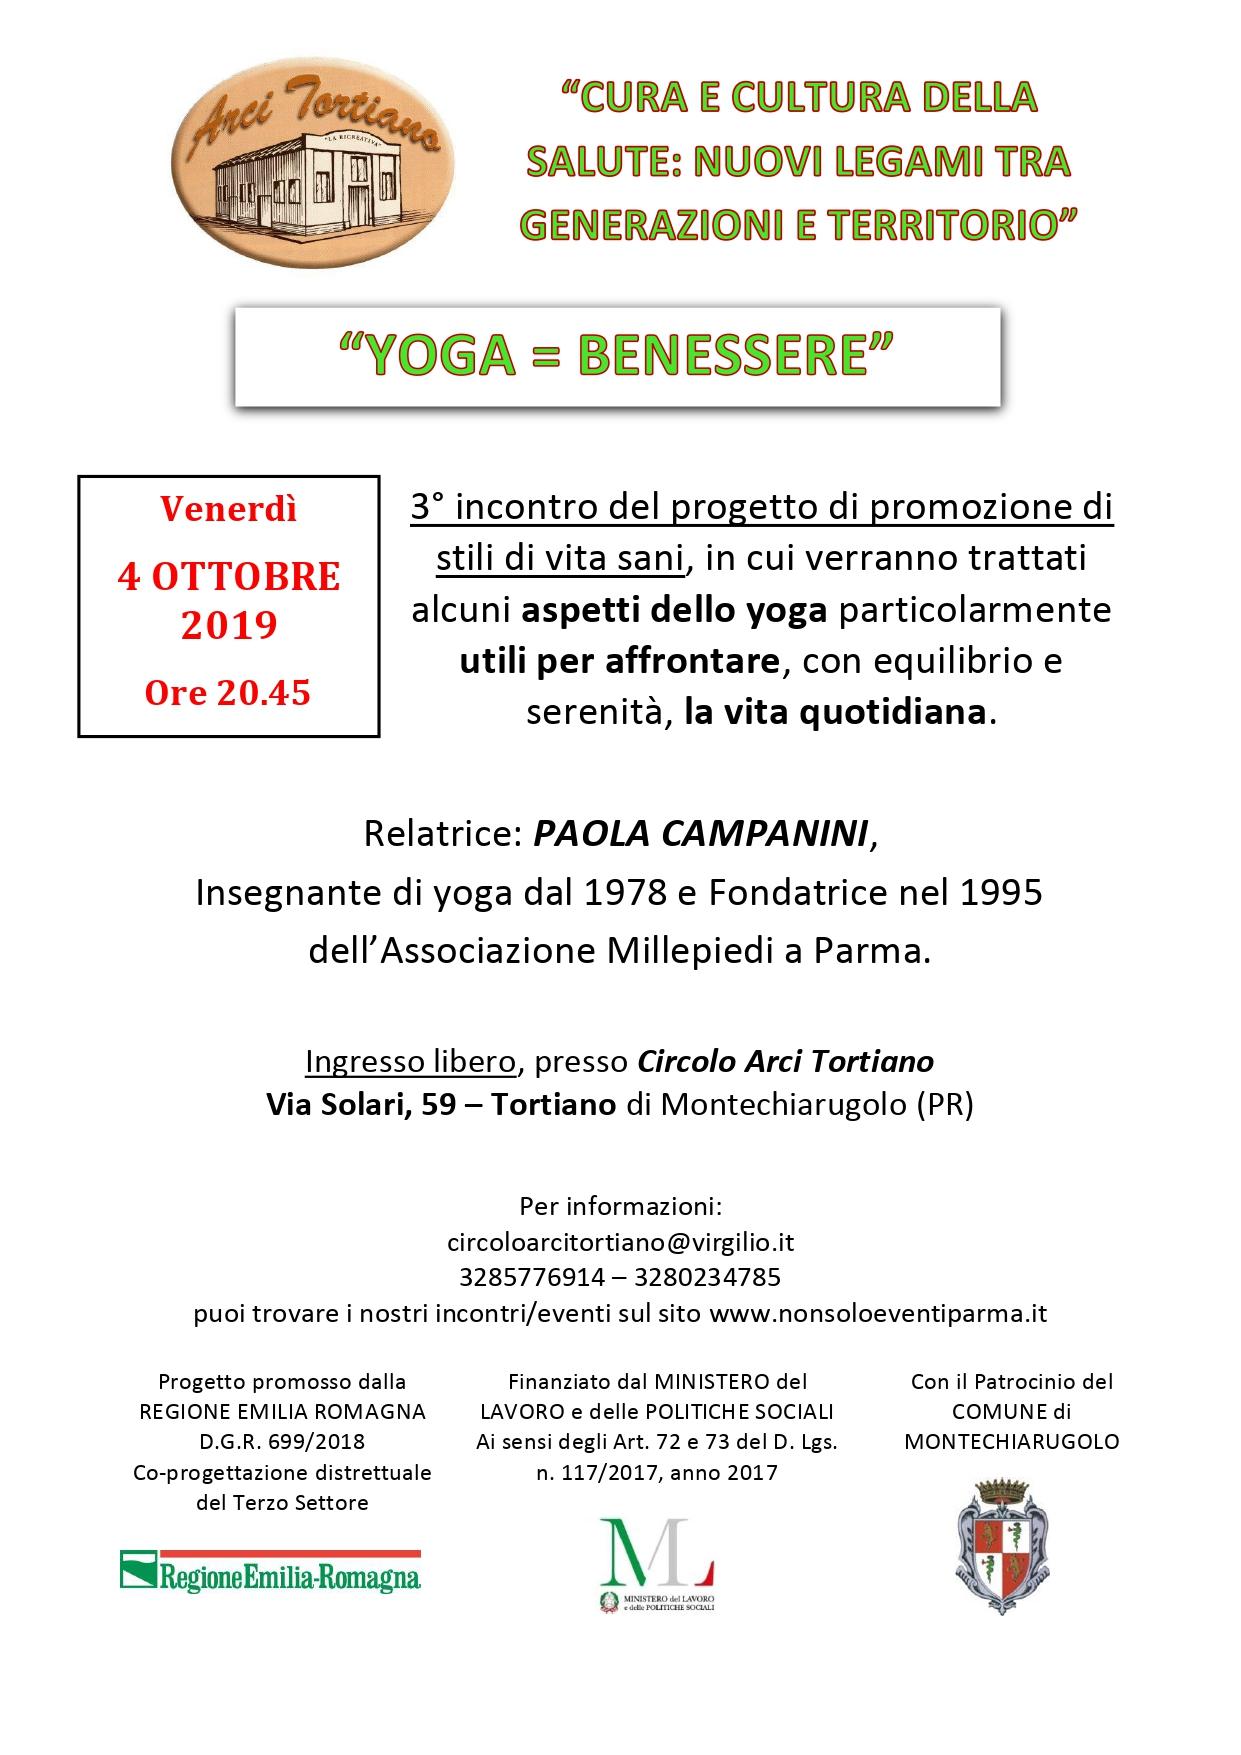 Yoga Benessere Comune Di Montechiarugolo